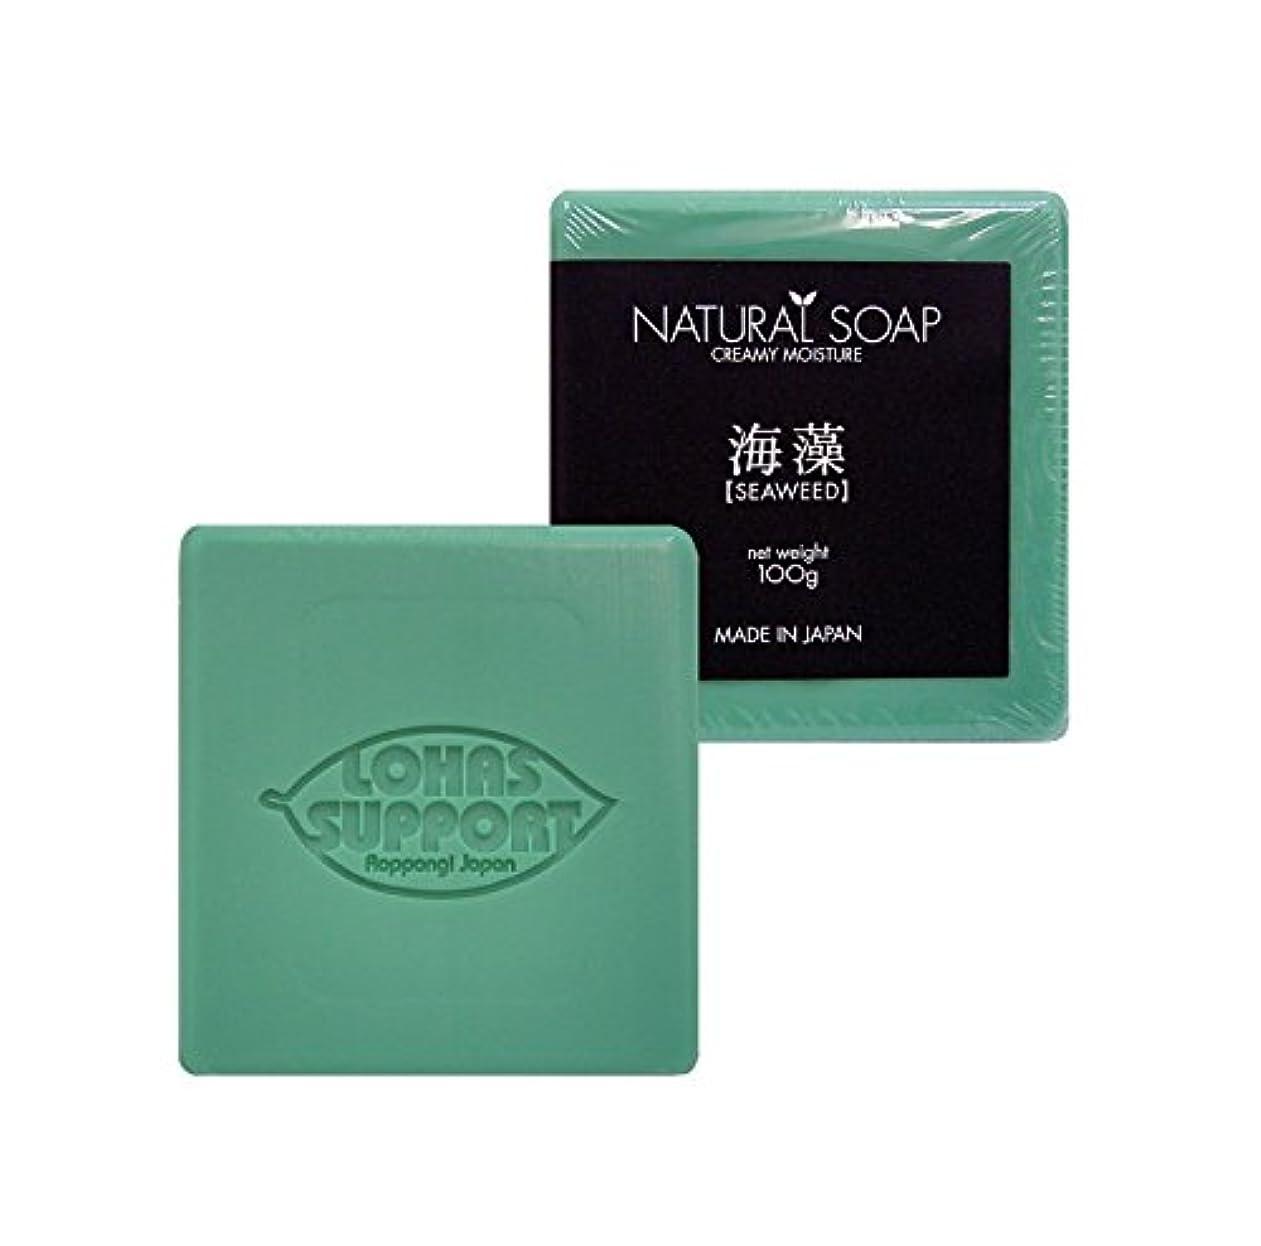 シーサイド出費増強するNATURAL SOAP